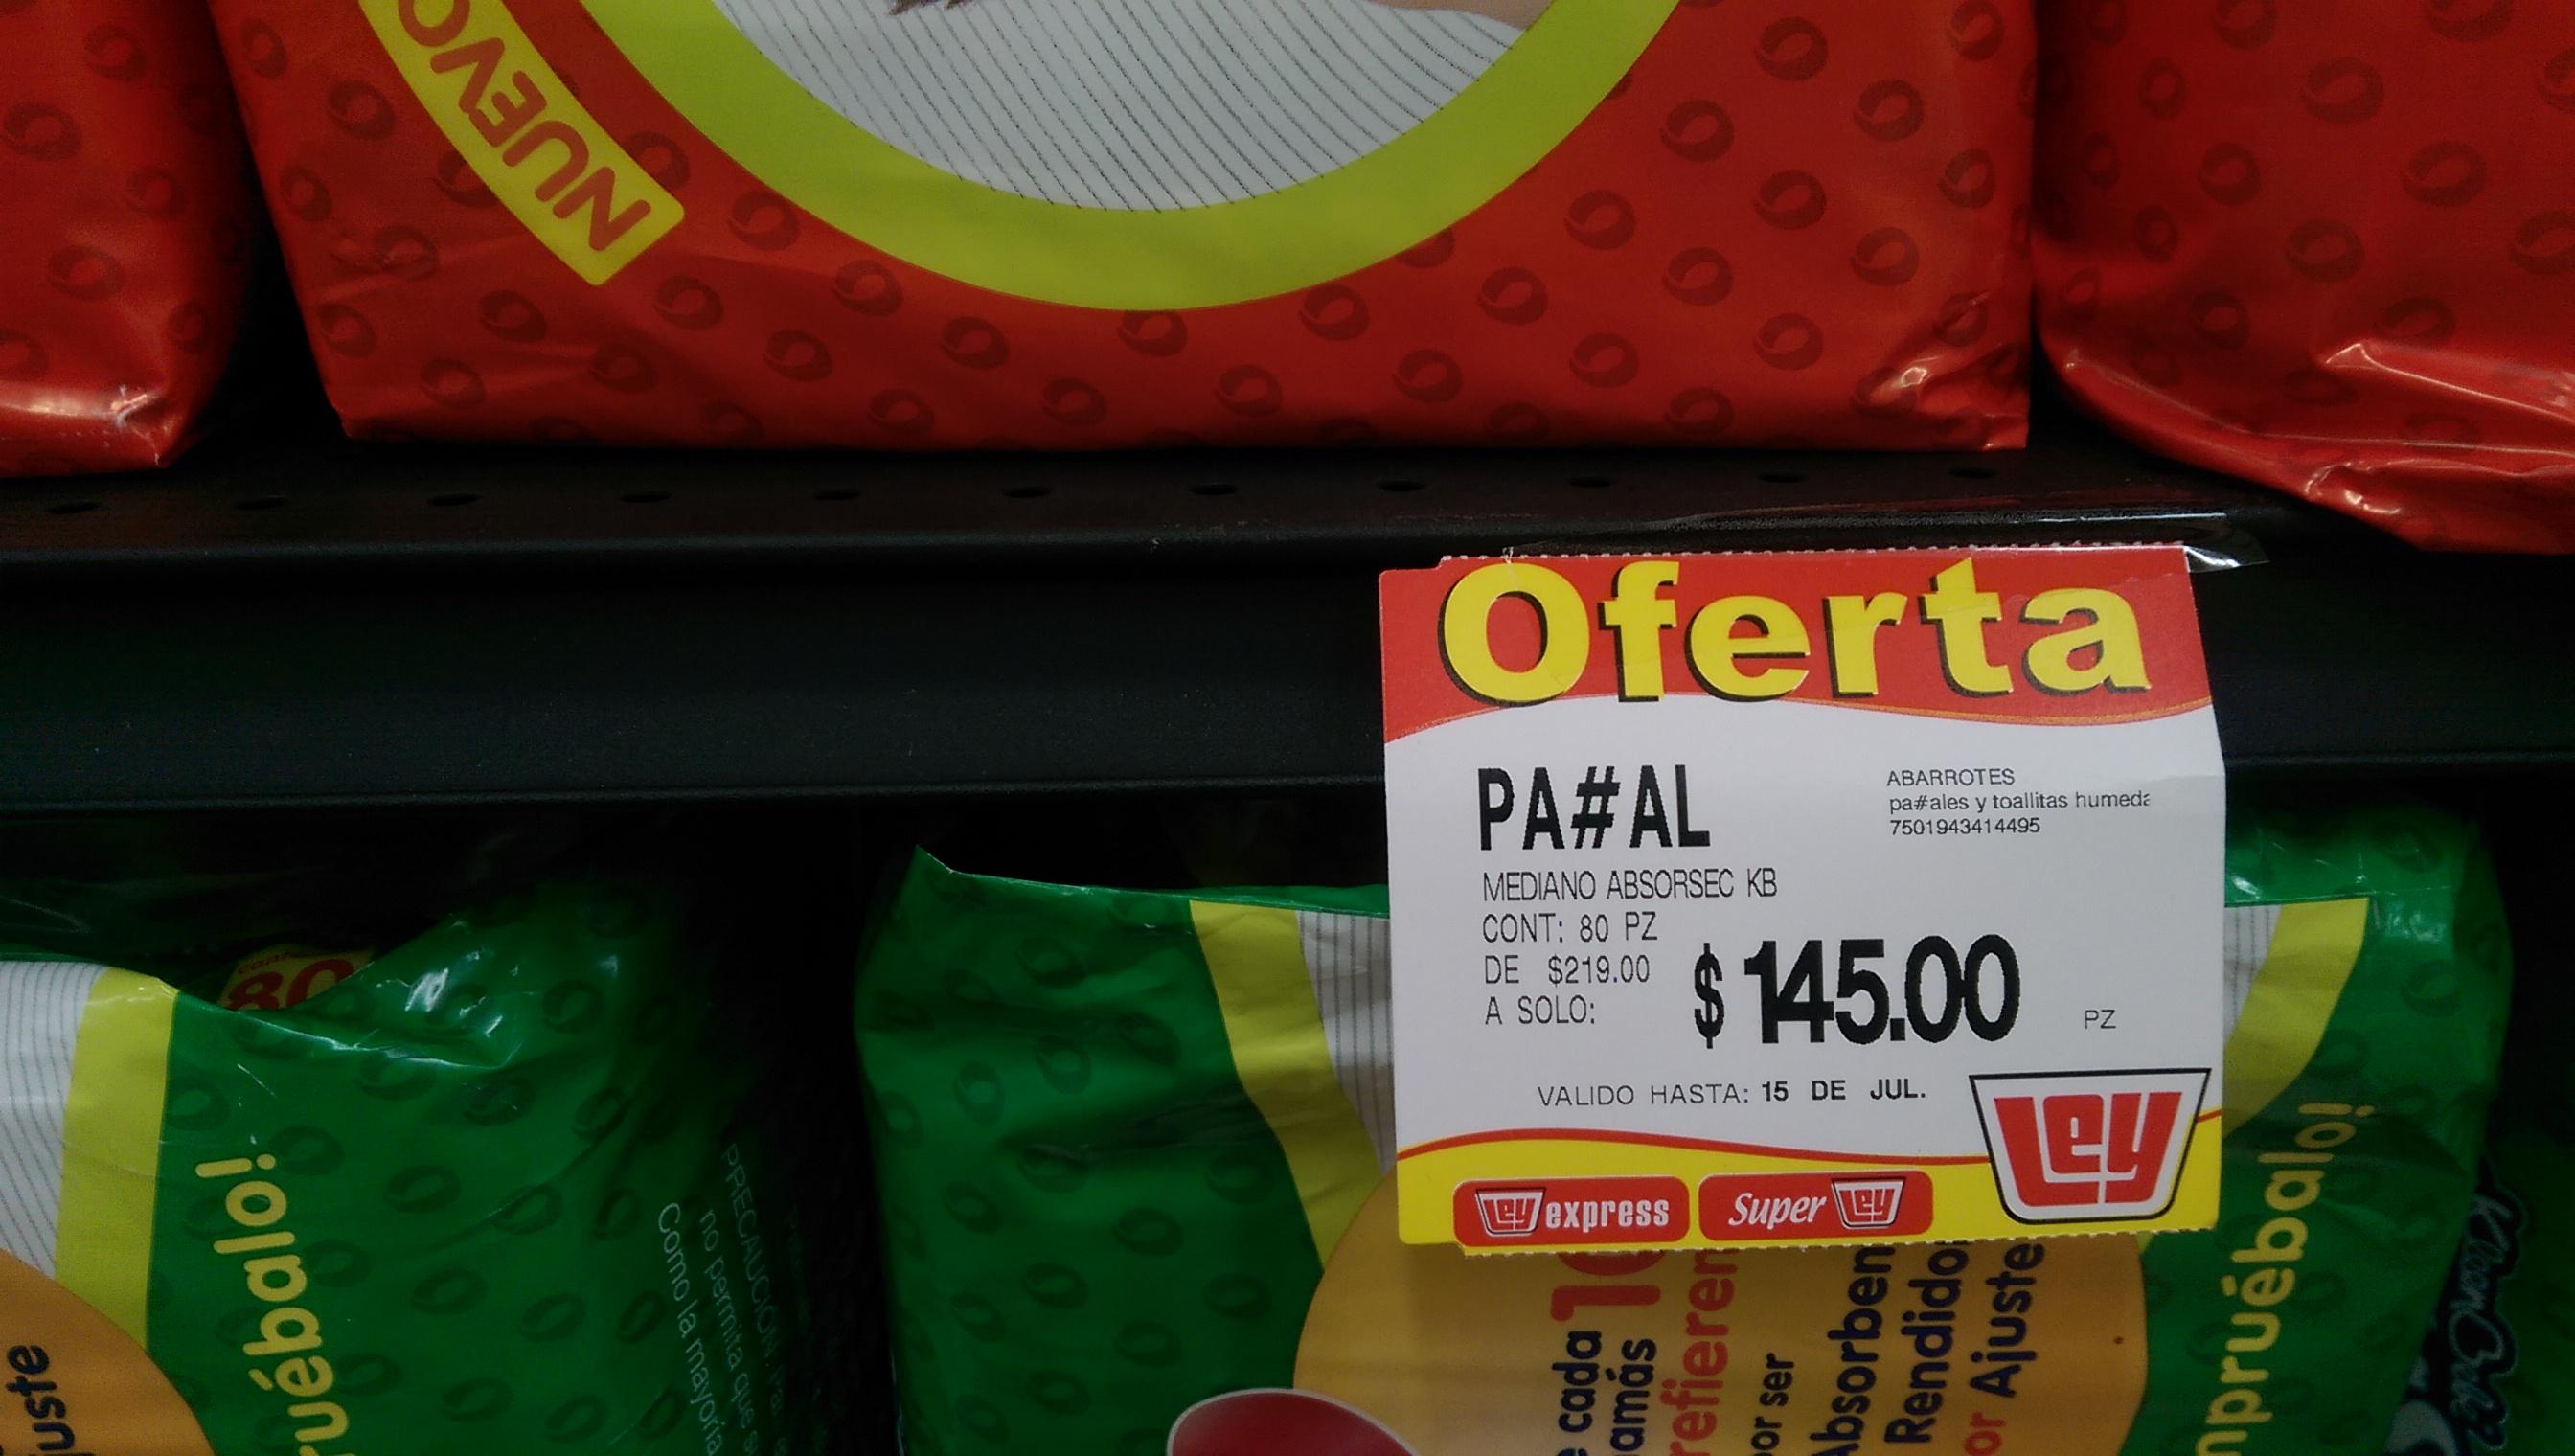 Tiendas Ley: 80 pañales Kleenbebe Absorsec Ultra etapa 3 $145, pollo kilo a $27.90 y Tablet HP 7 g2 a $1,390